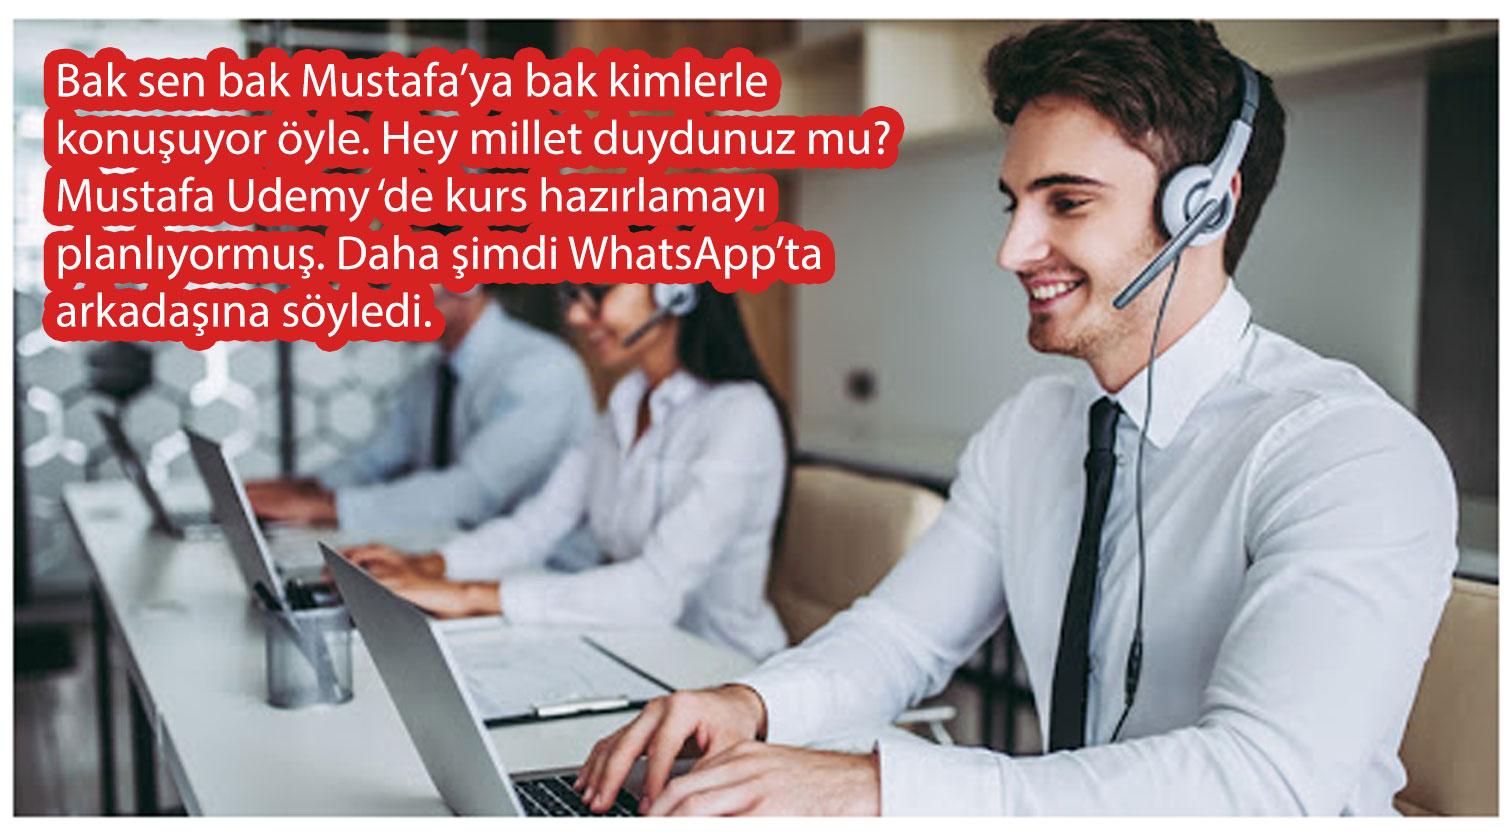 WhatsApp bizi dinliyor